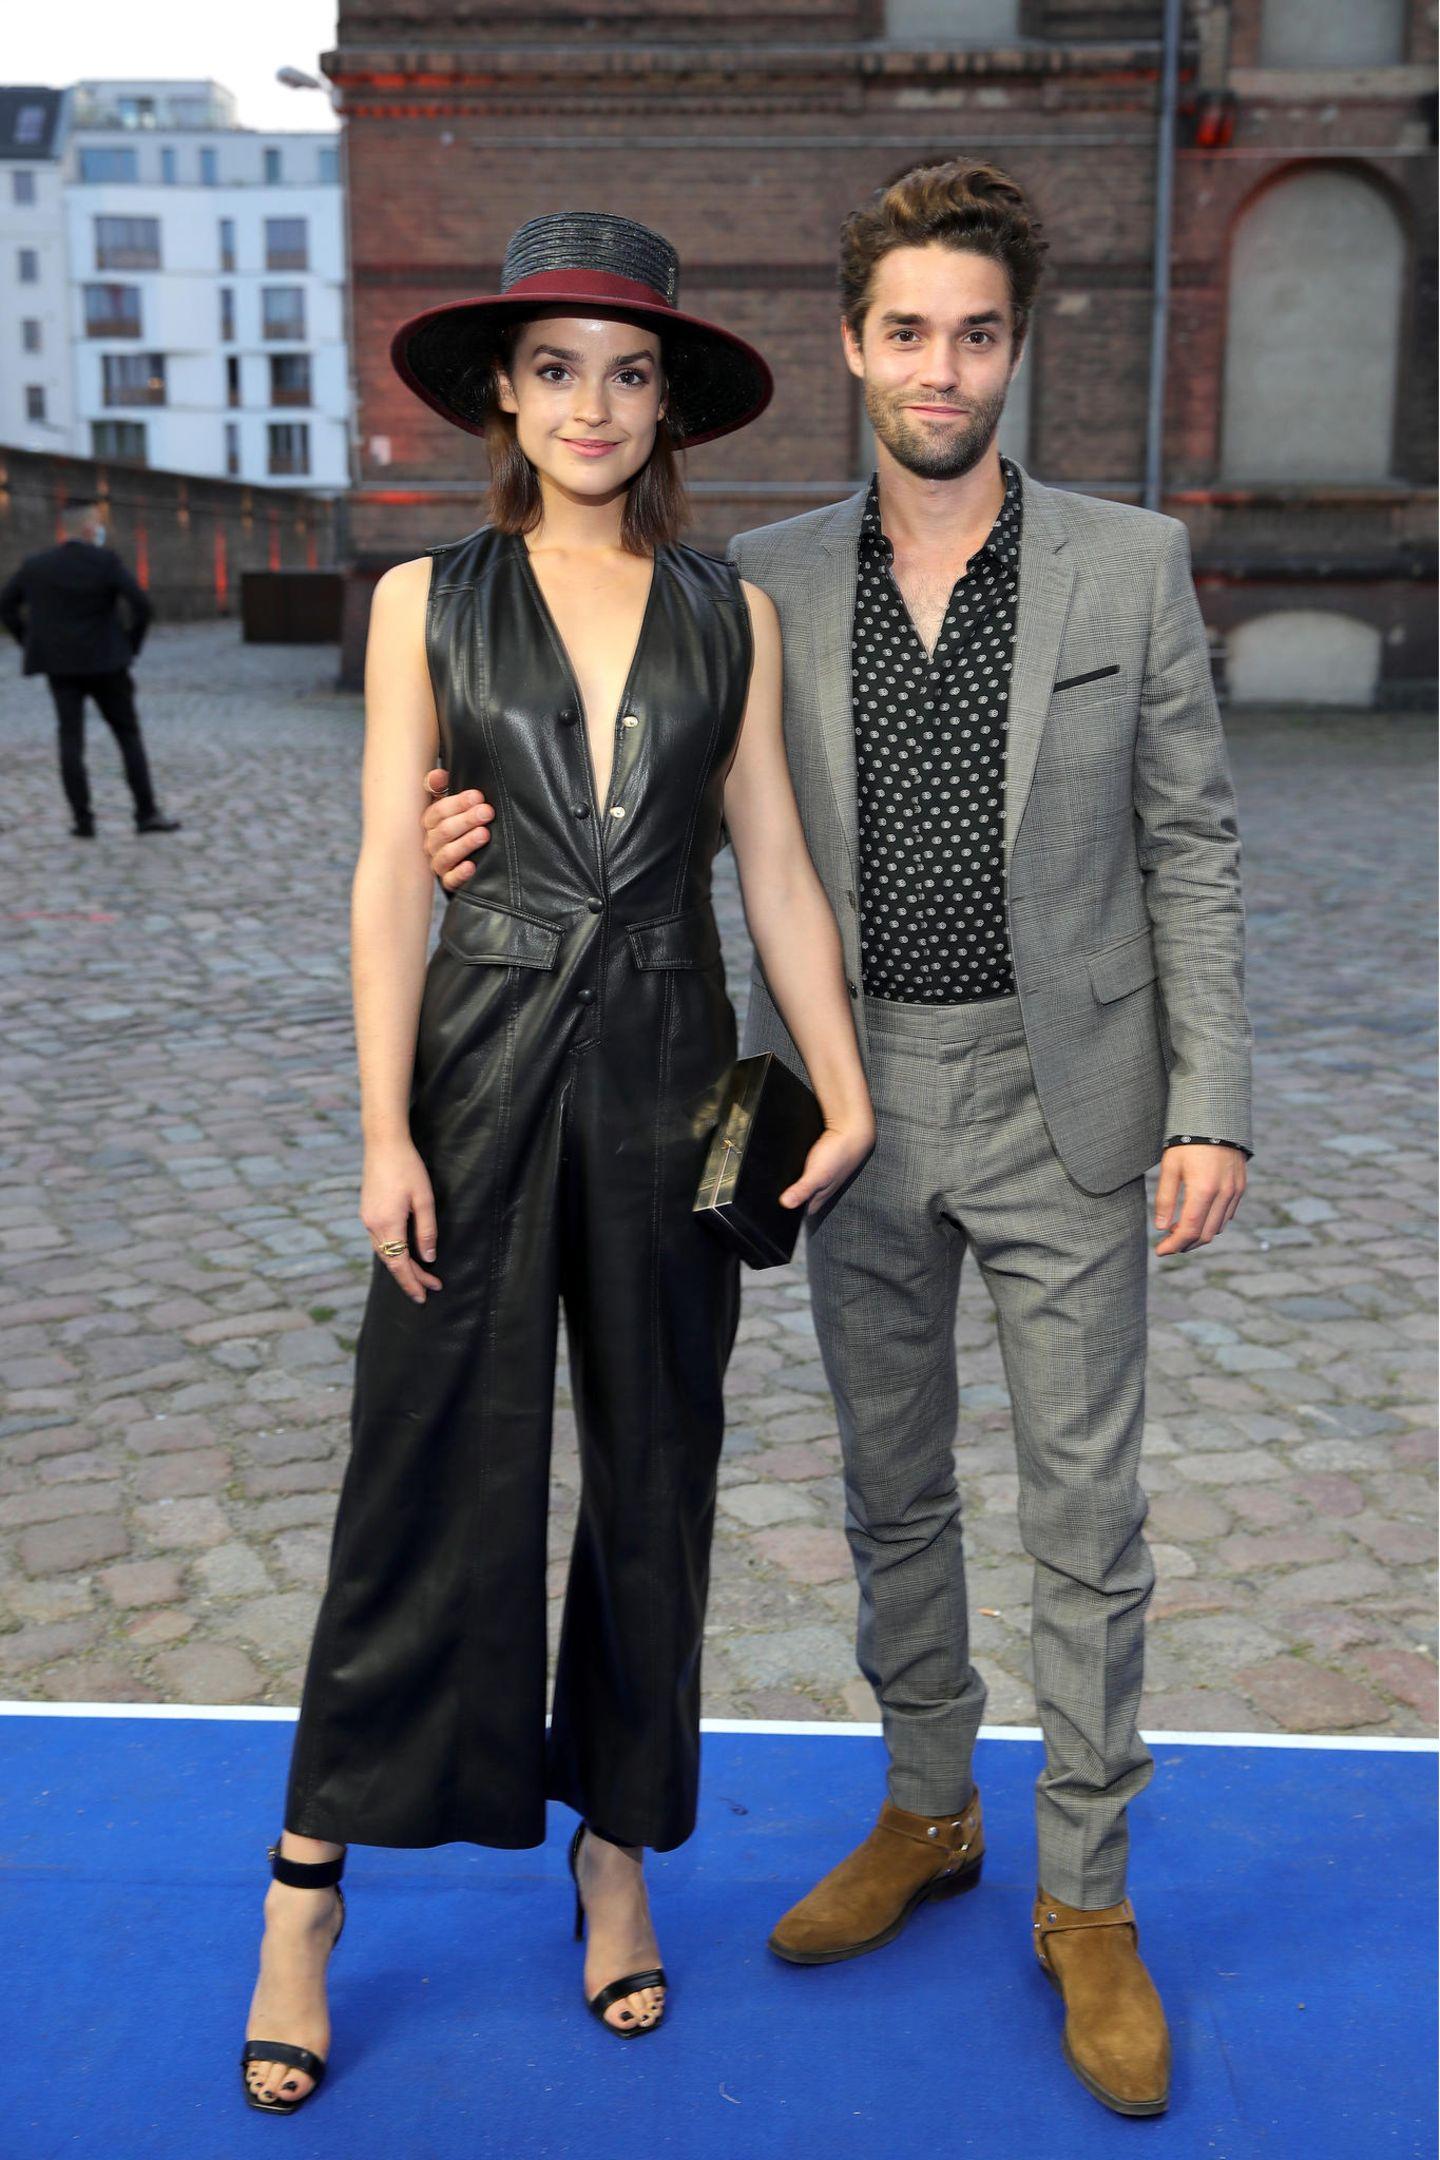 Ein wahrer Hingucker bei der Verleihung des deutschen Fernsehpreises sindLuise Befort und ihr BruderMax Befort: Das schöne Geschwisterpaar zieht in seinen stylischen Looks die Aufmerksamkeit allerFotografen auf sich.